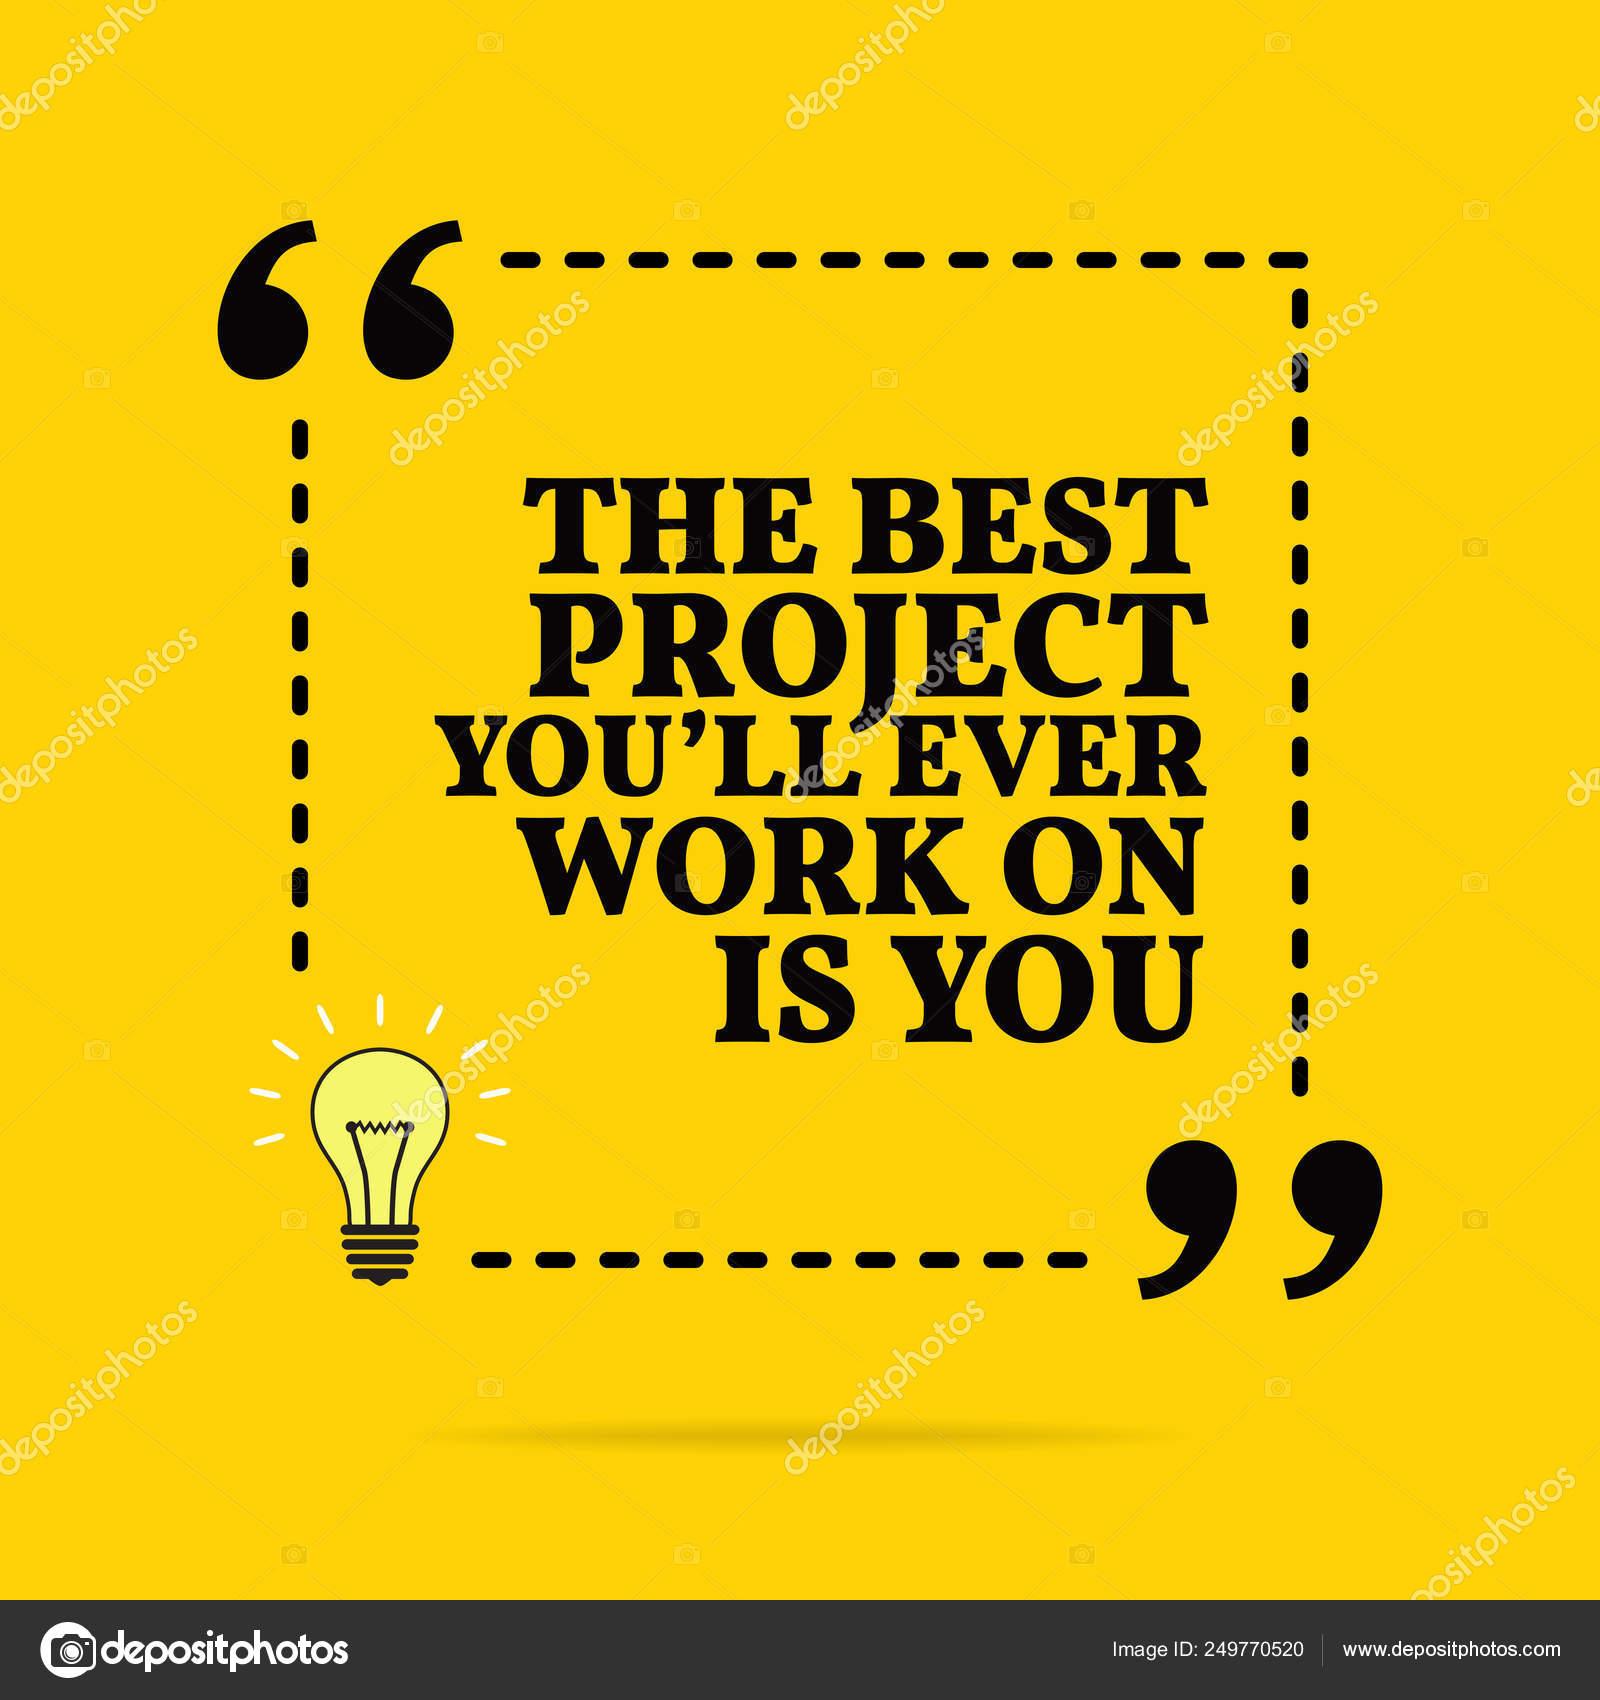 Inspiradora Citação Motivacional O Melhor Projeto Que Você